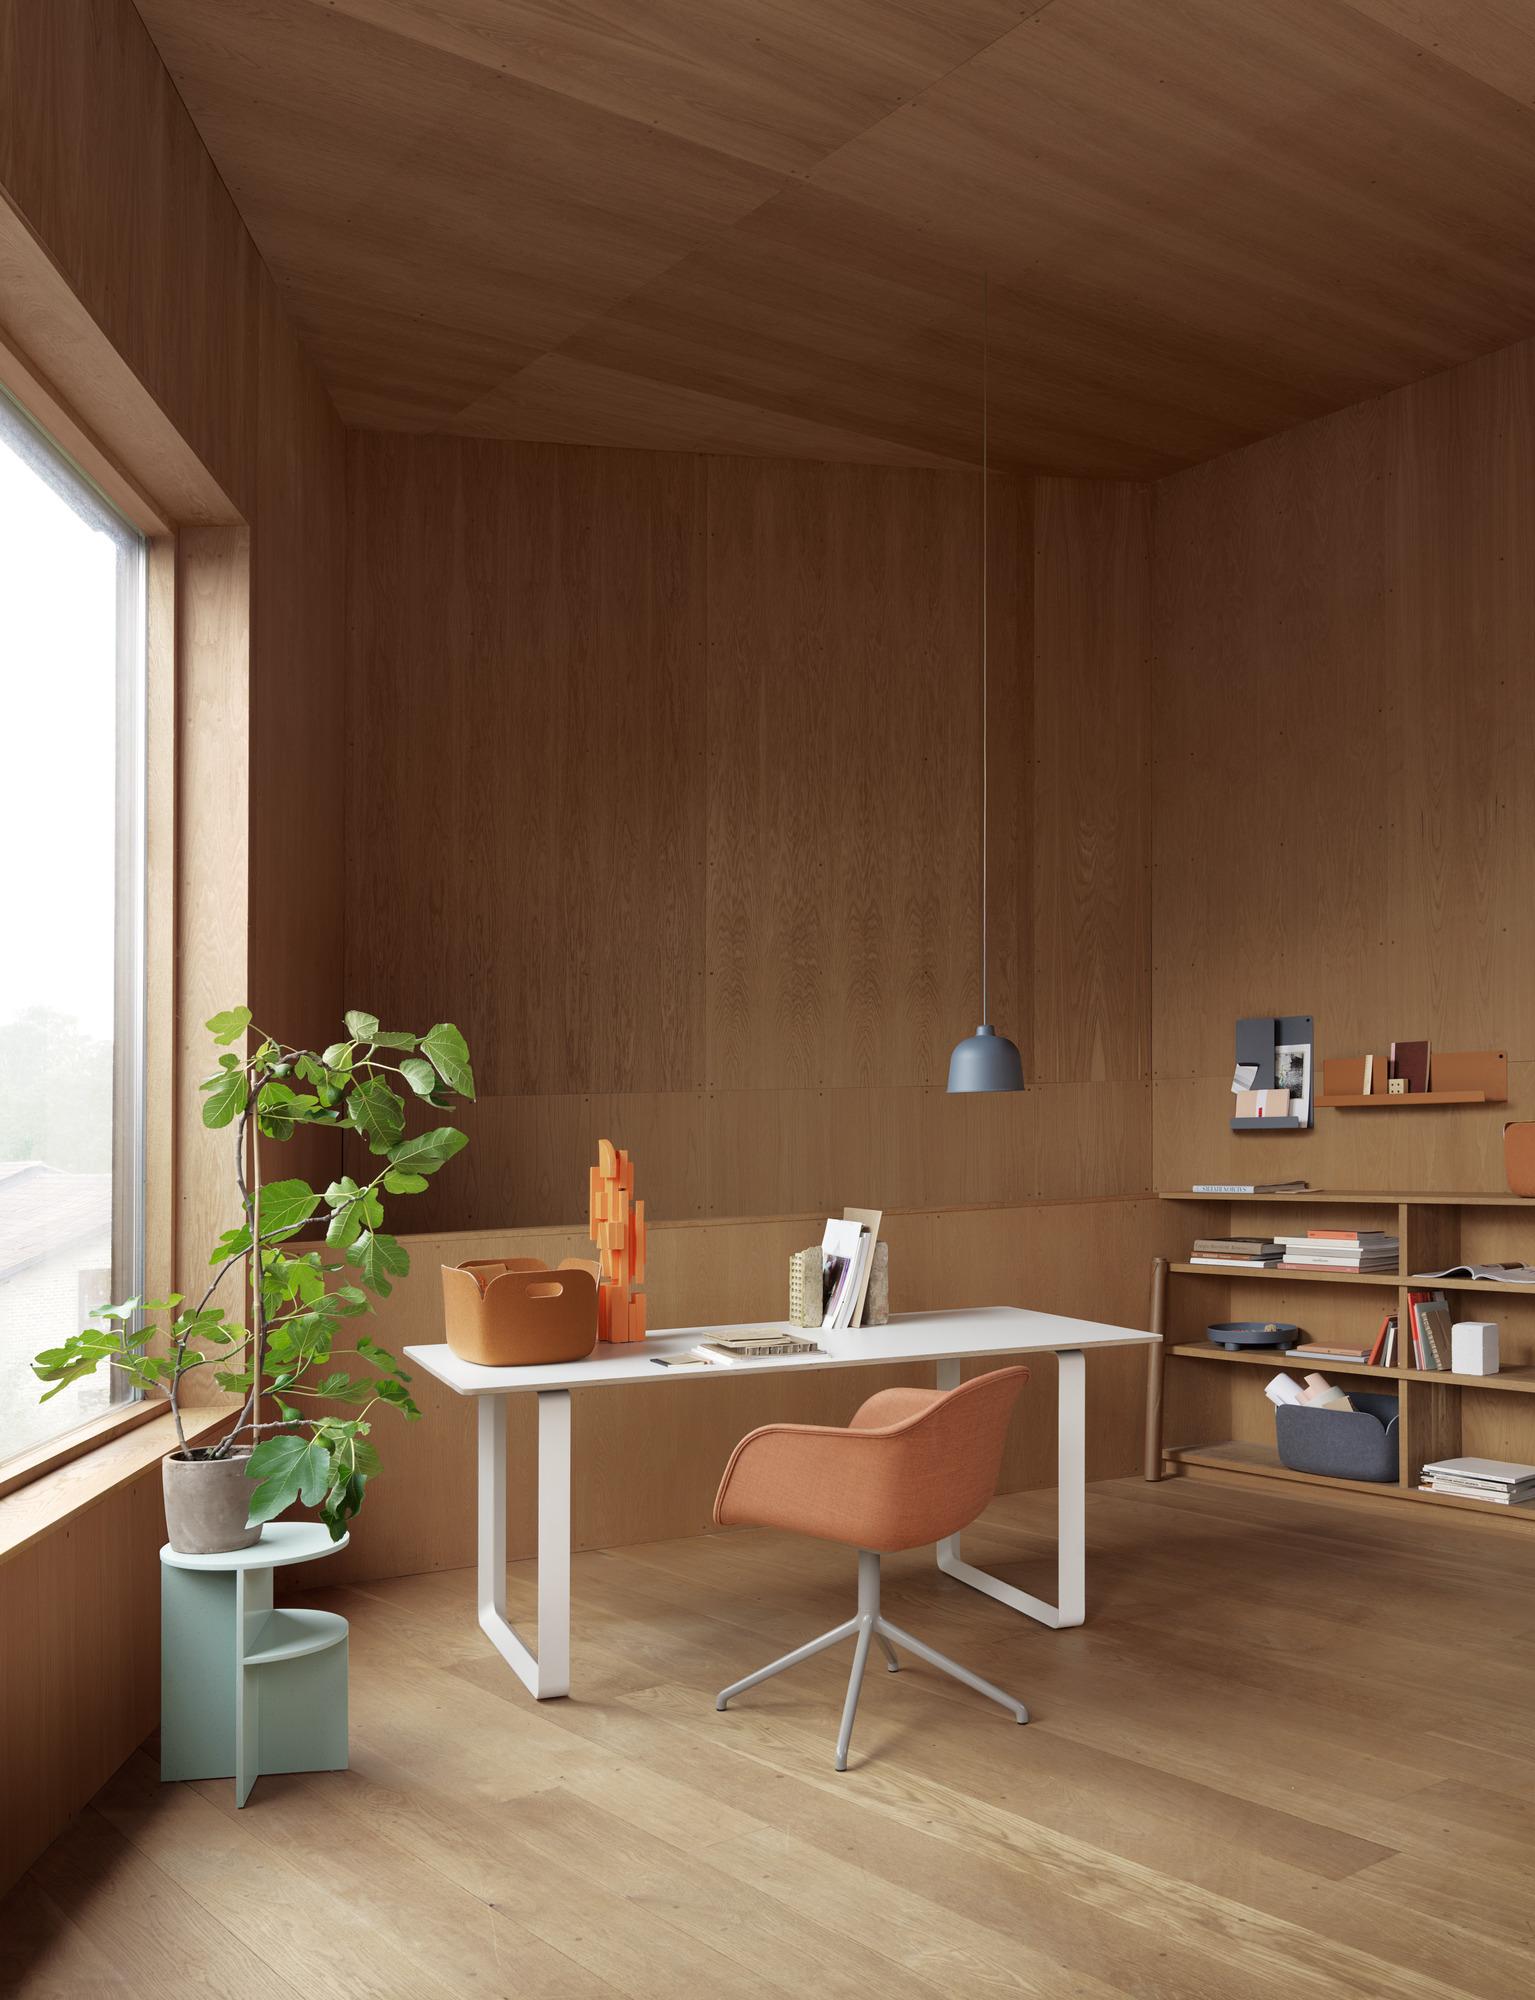 70/70 Table 225x108 cm Muuto